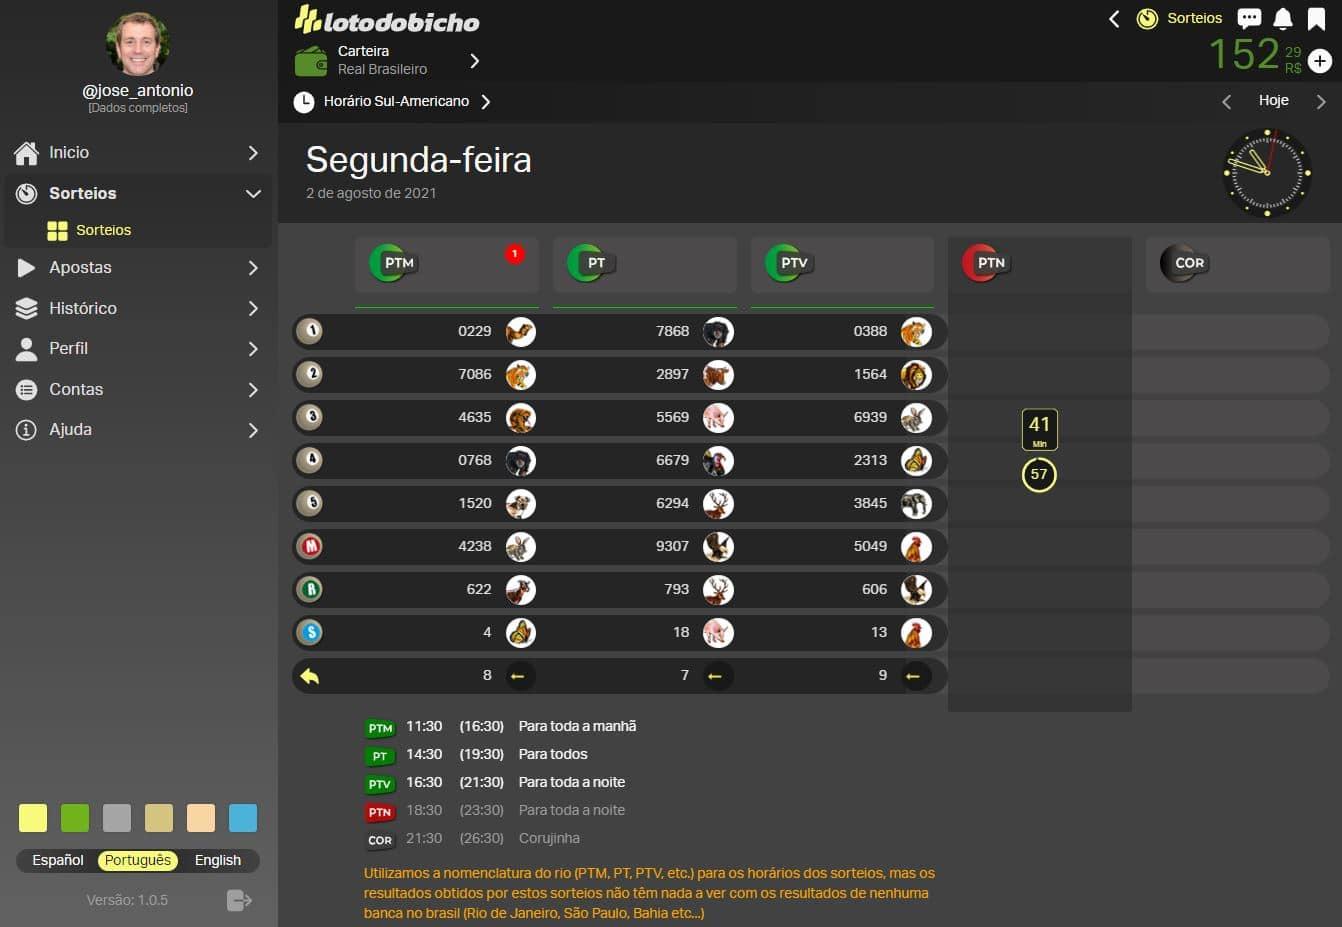 Banca online do Jogo do Bicho